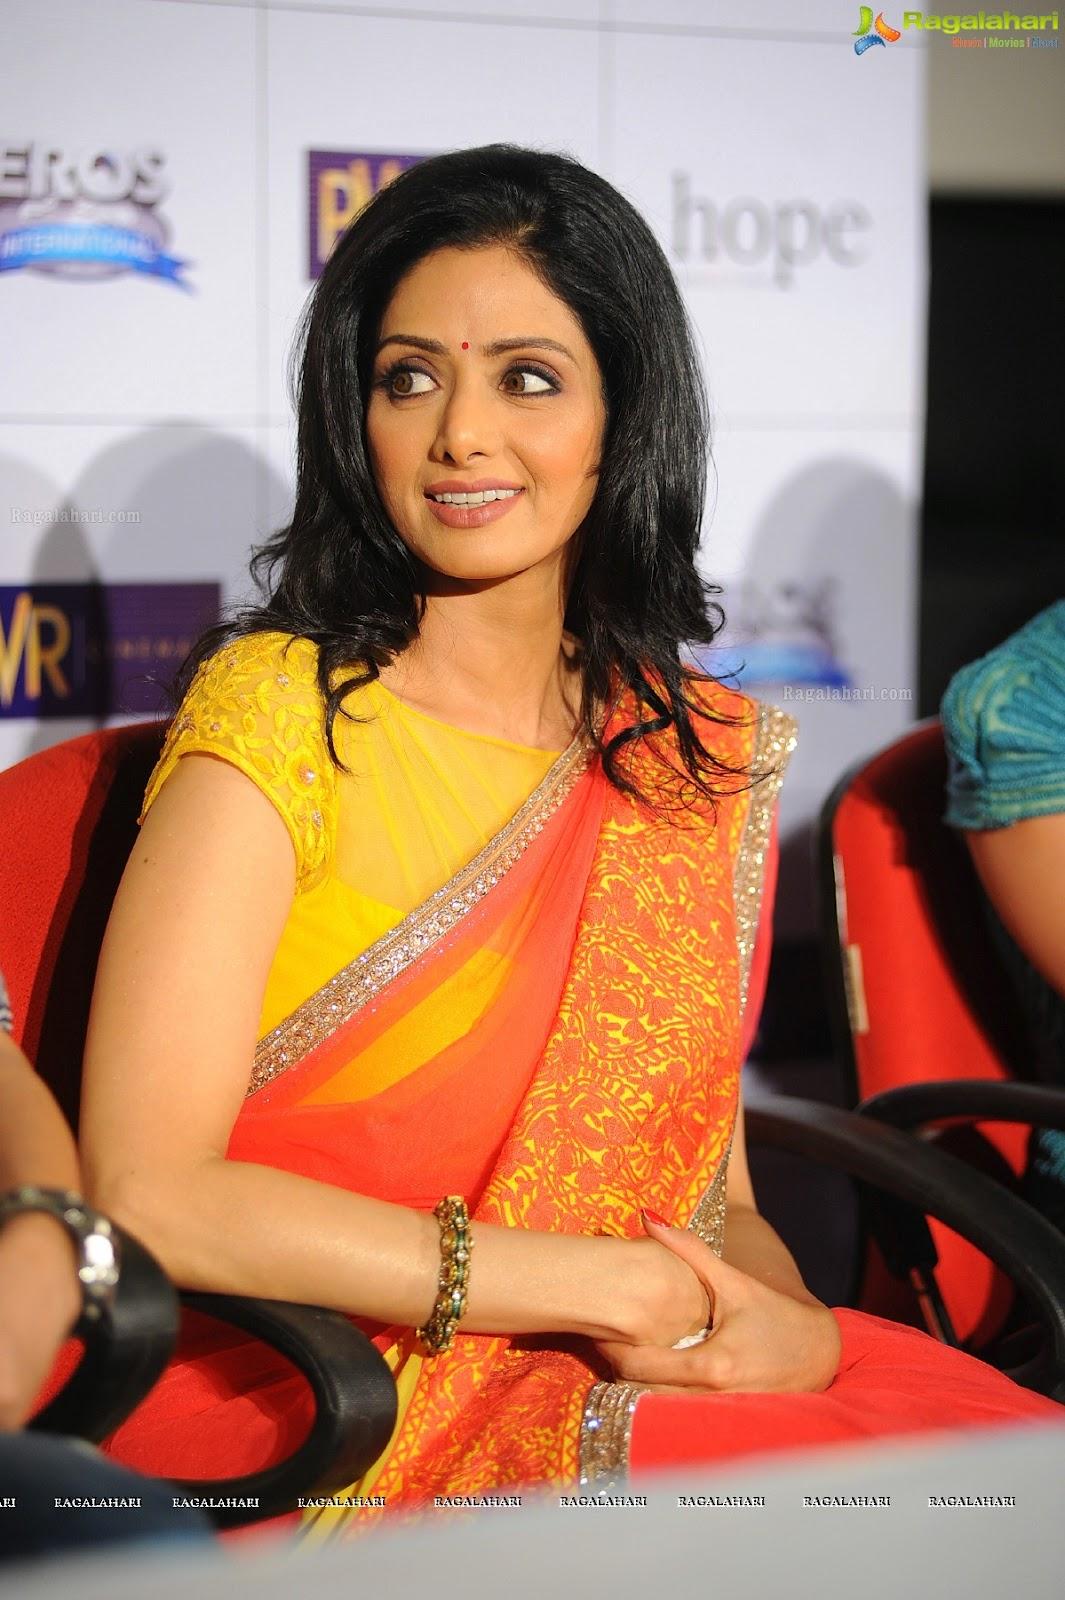 South Indian Actress Hot Photos, Hot Videos South Indian Actress Hot Photos-2638